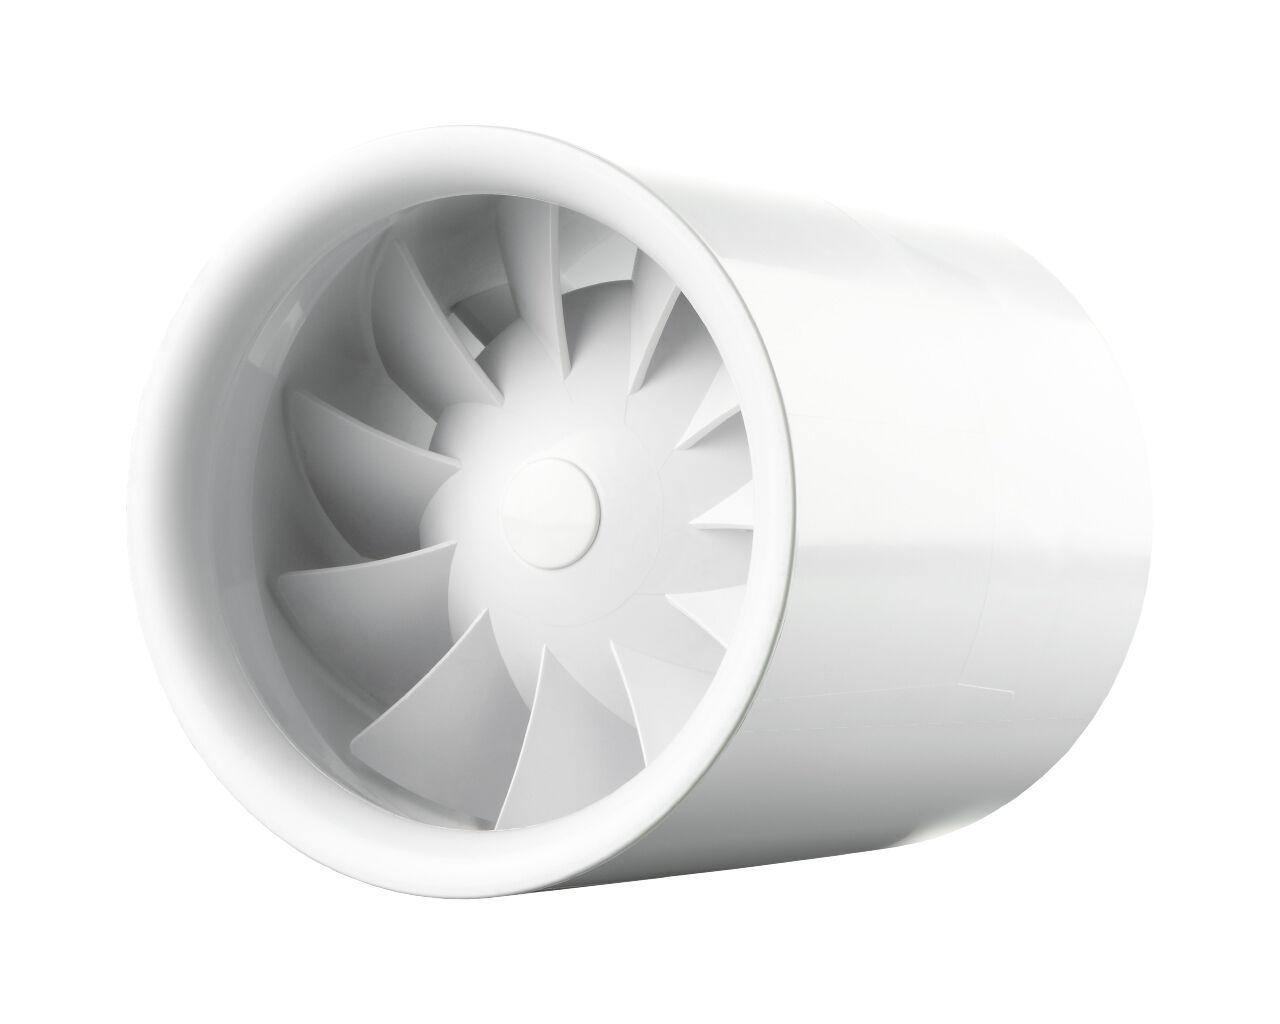 Rohreinschubventilator Soundless Turbine Duo - mit kugelgelagertem Motor     | Spaß  | Zu einem niedrigeren Preis  | Stabile Qualität